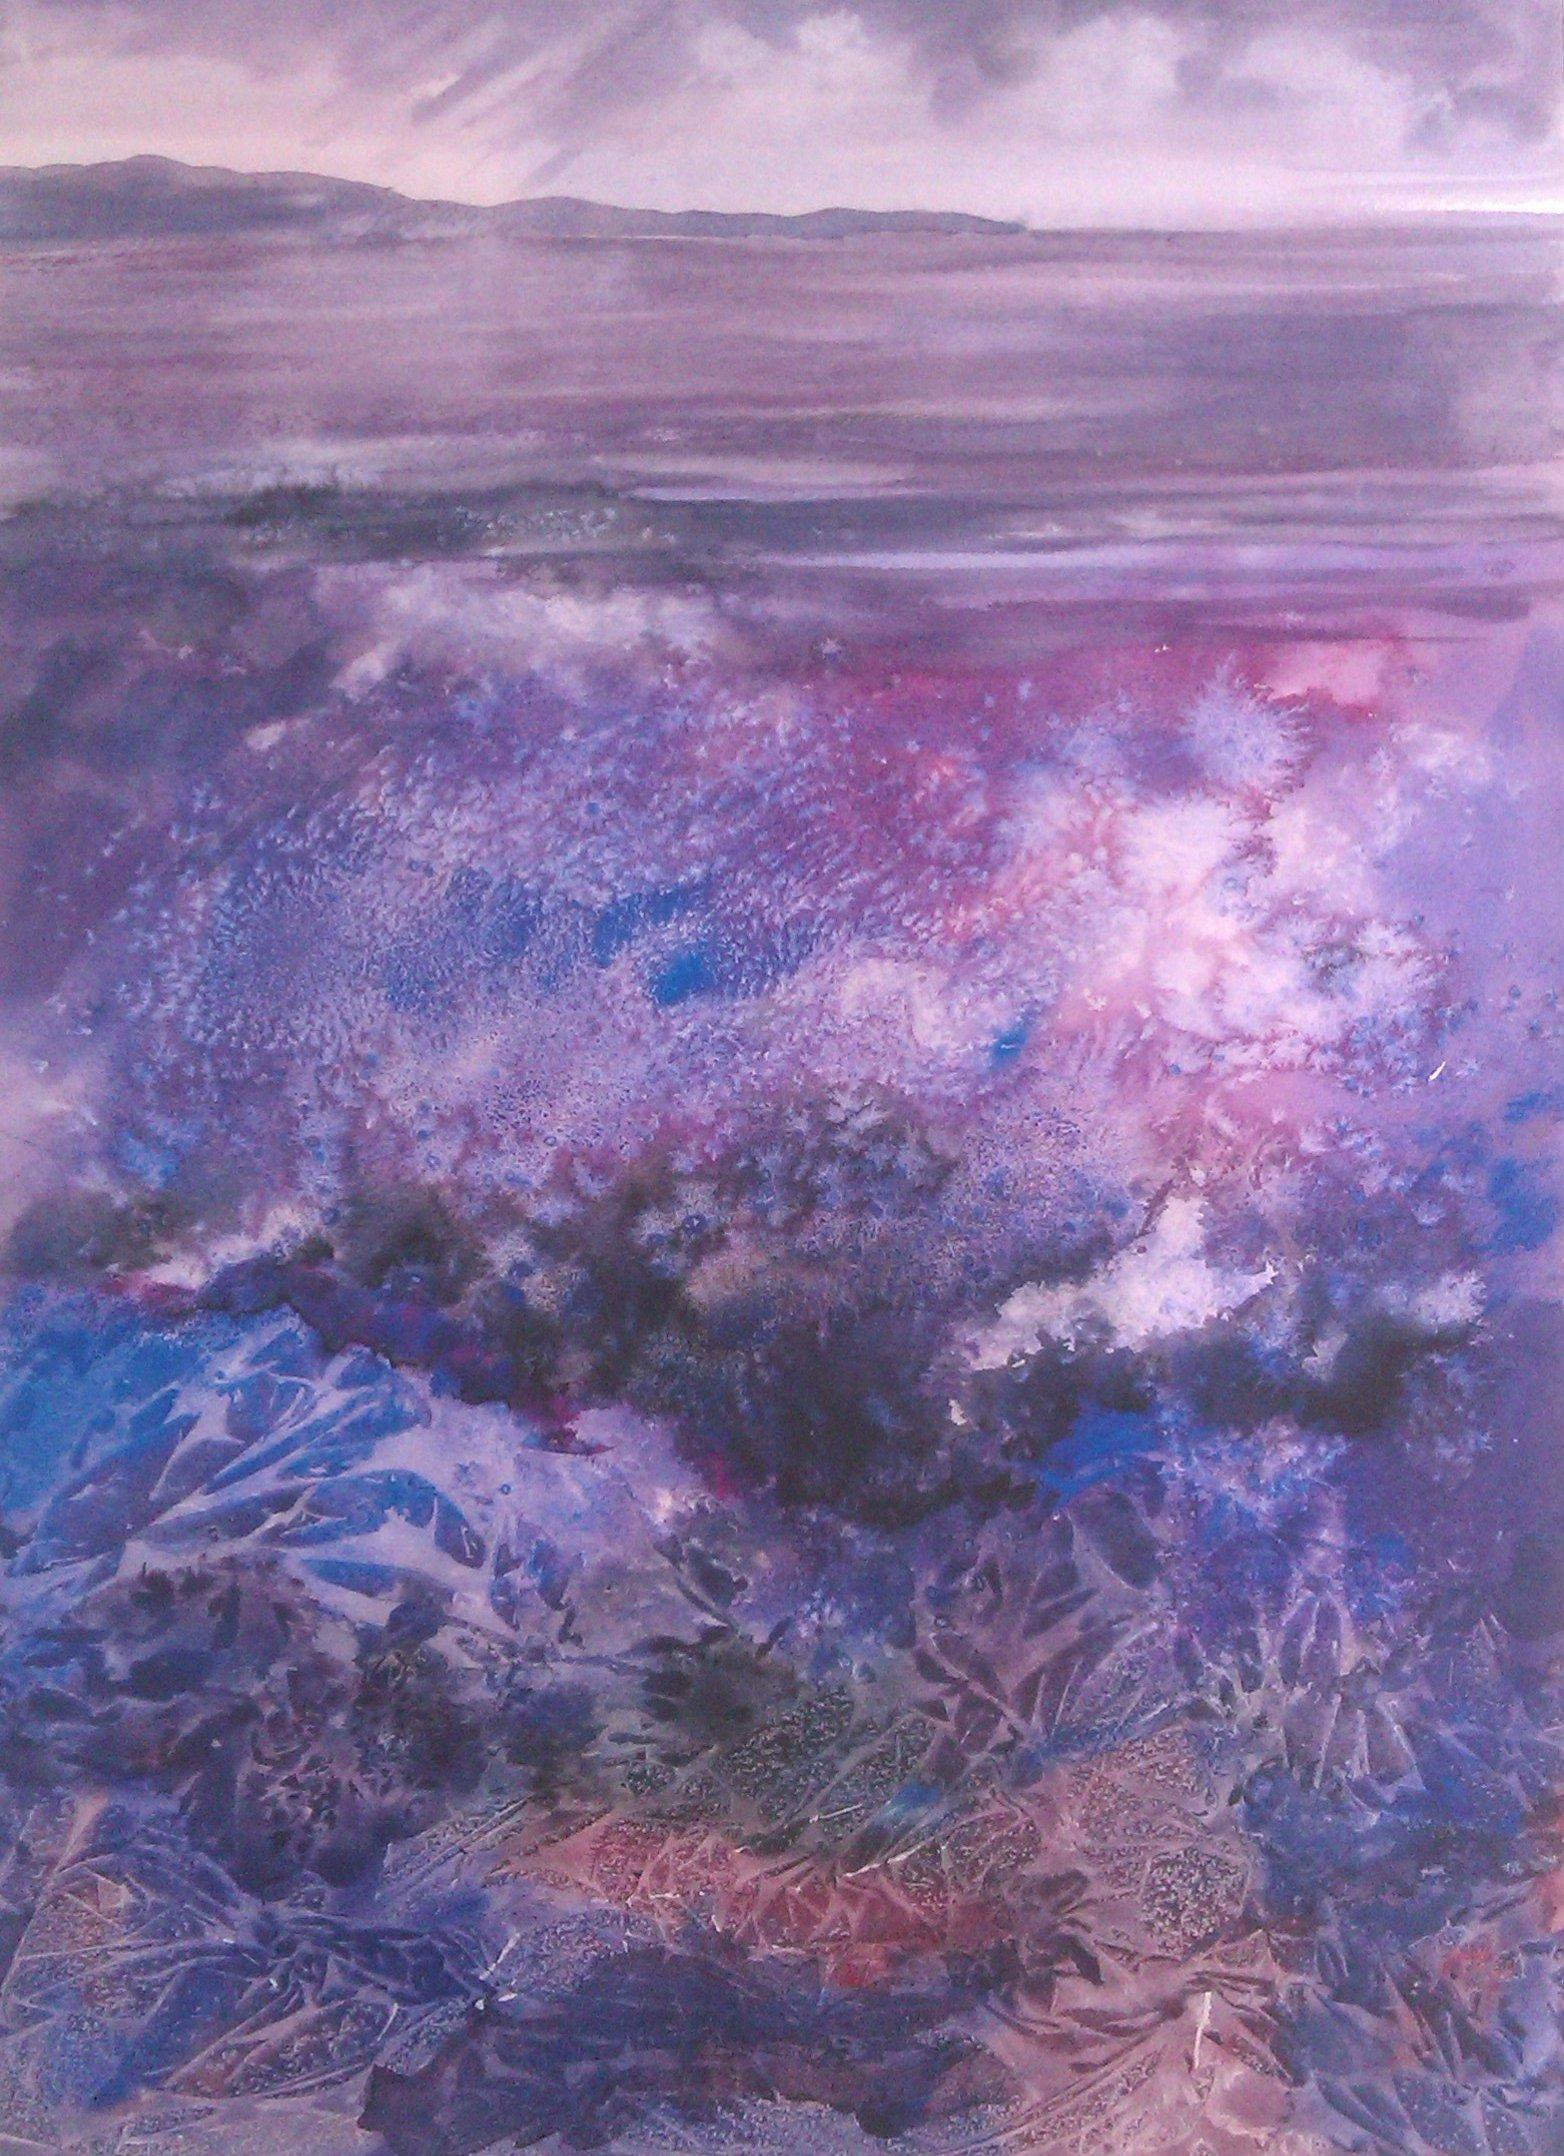 purple seascape foliage mountains and sky